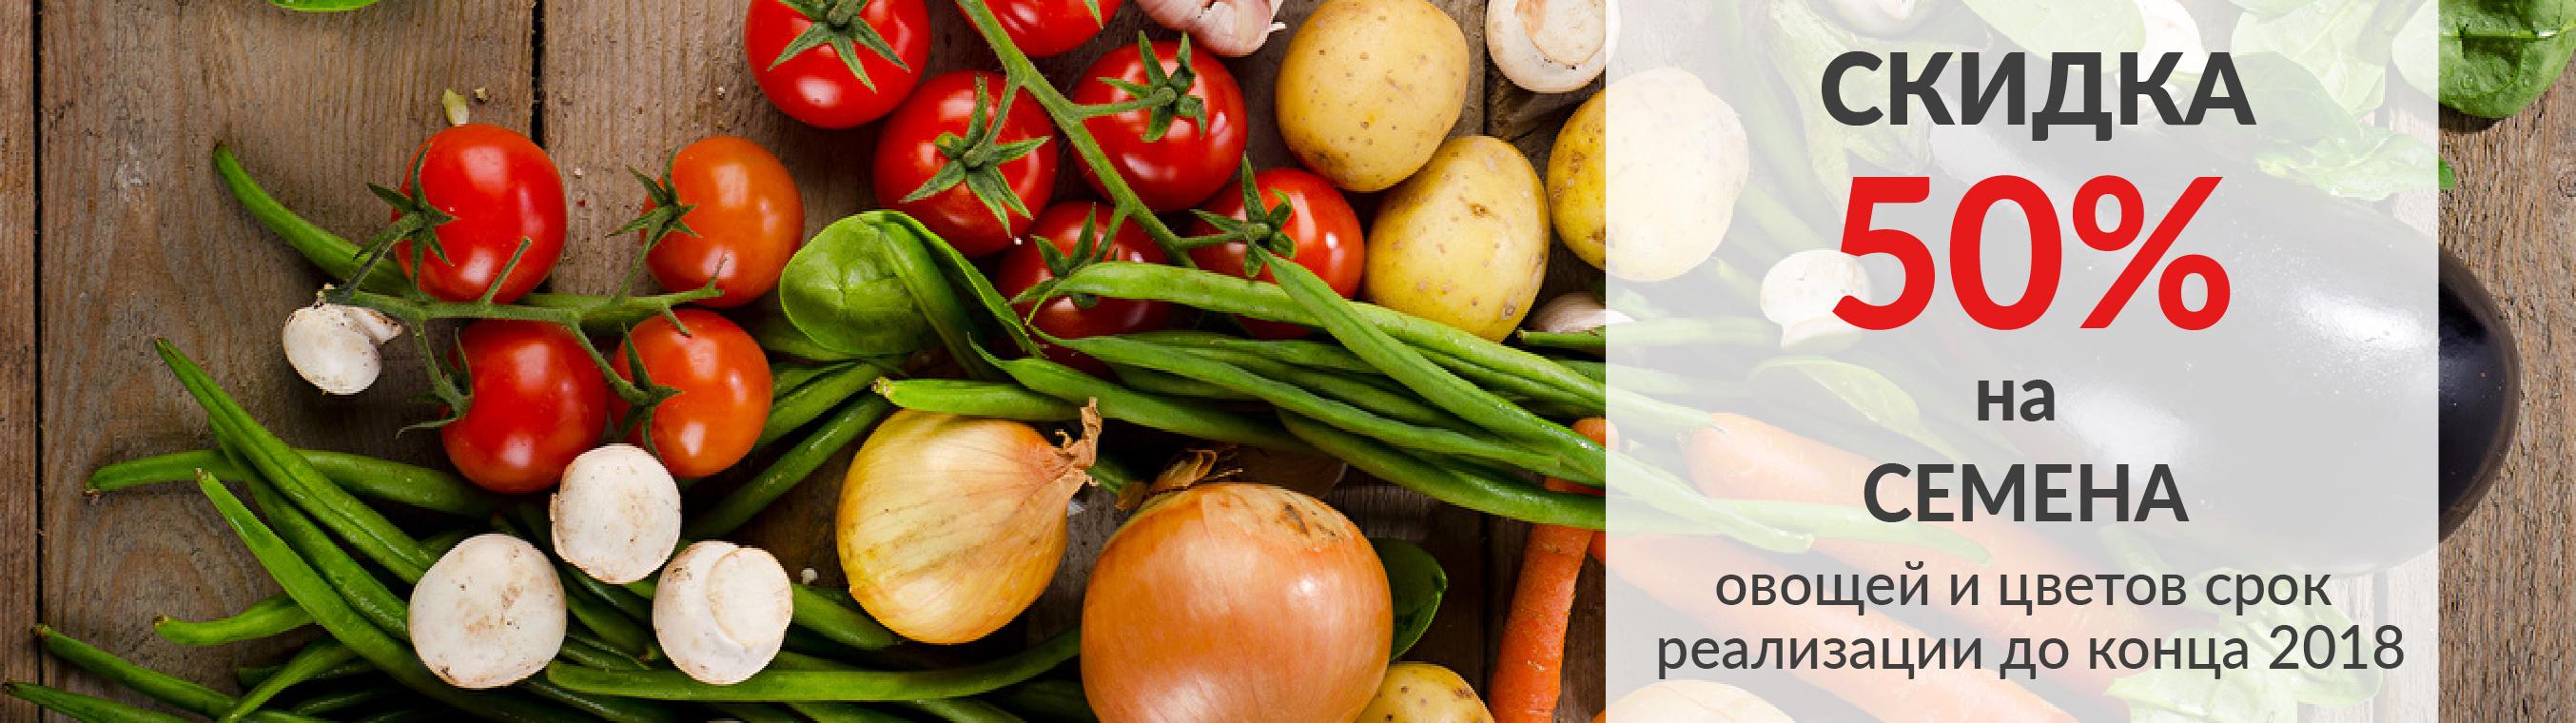 Купить семена, луковицы цветов, саженцы почтой, Интернет-магазин Садовый Мир